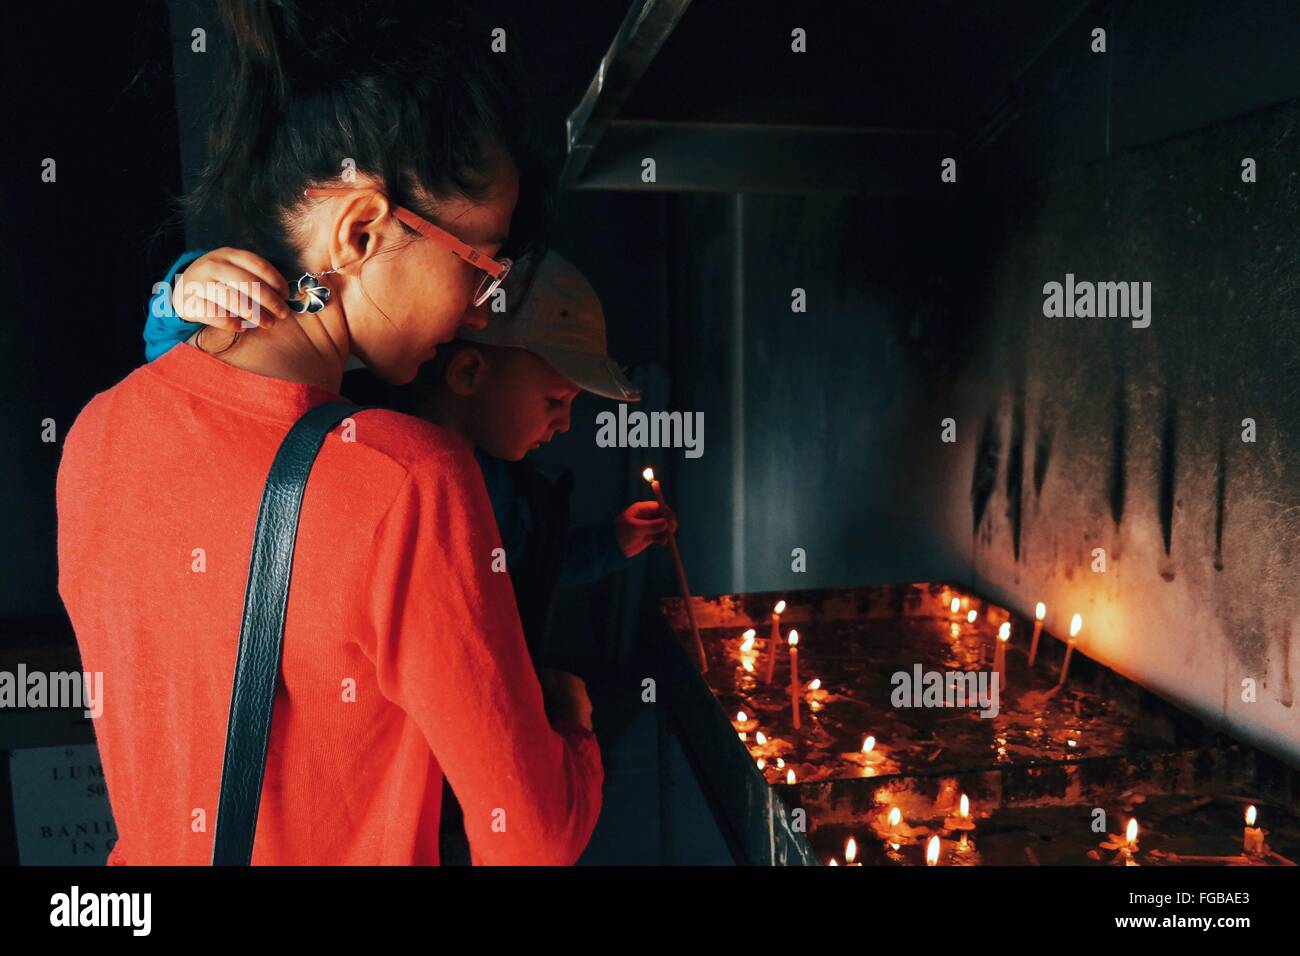 Sohn mit Kerze mit Mutter In der Kirche Stockbild